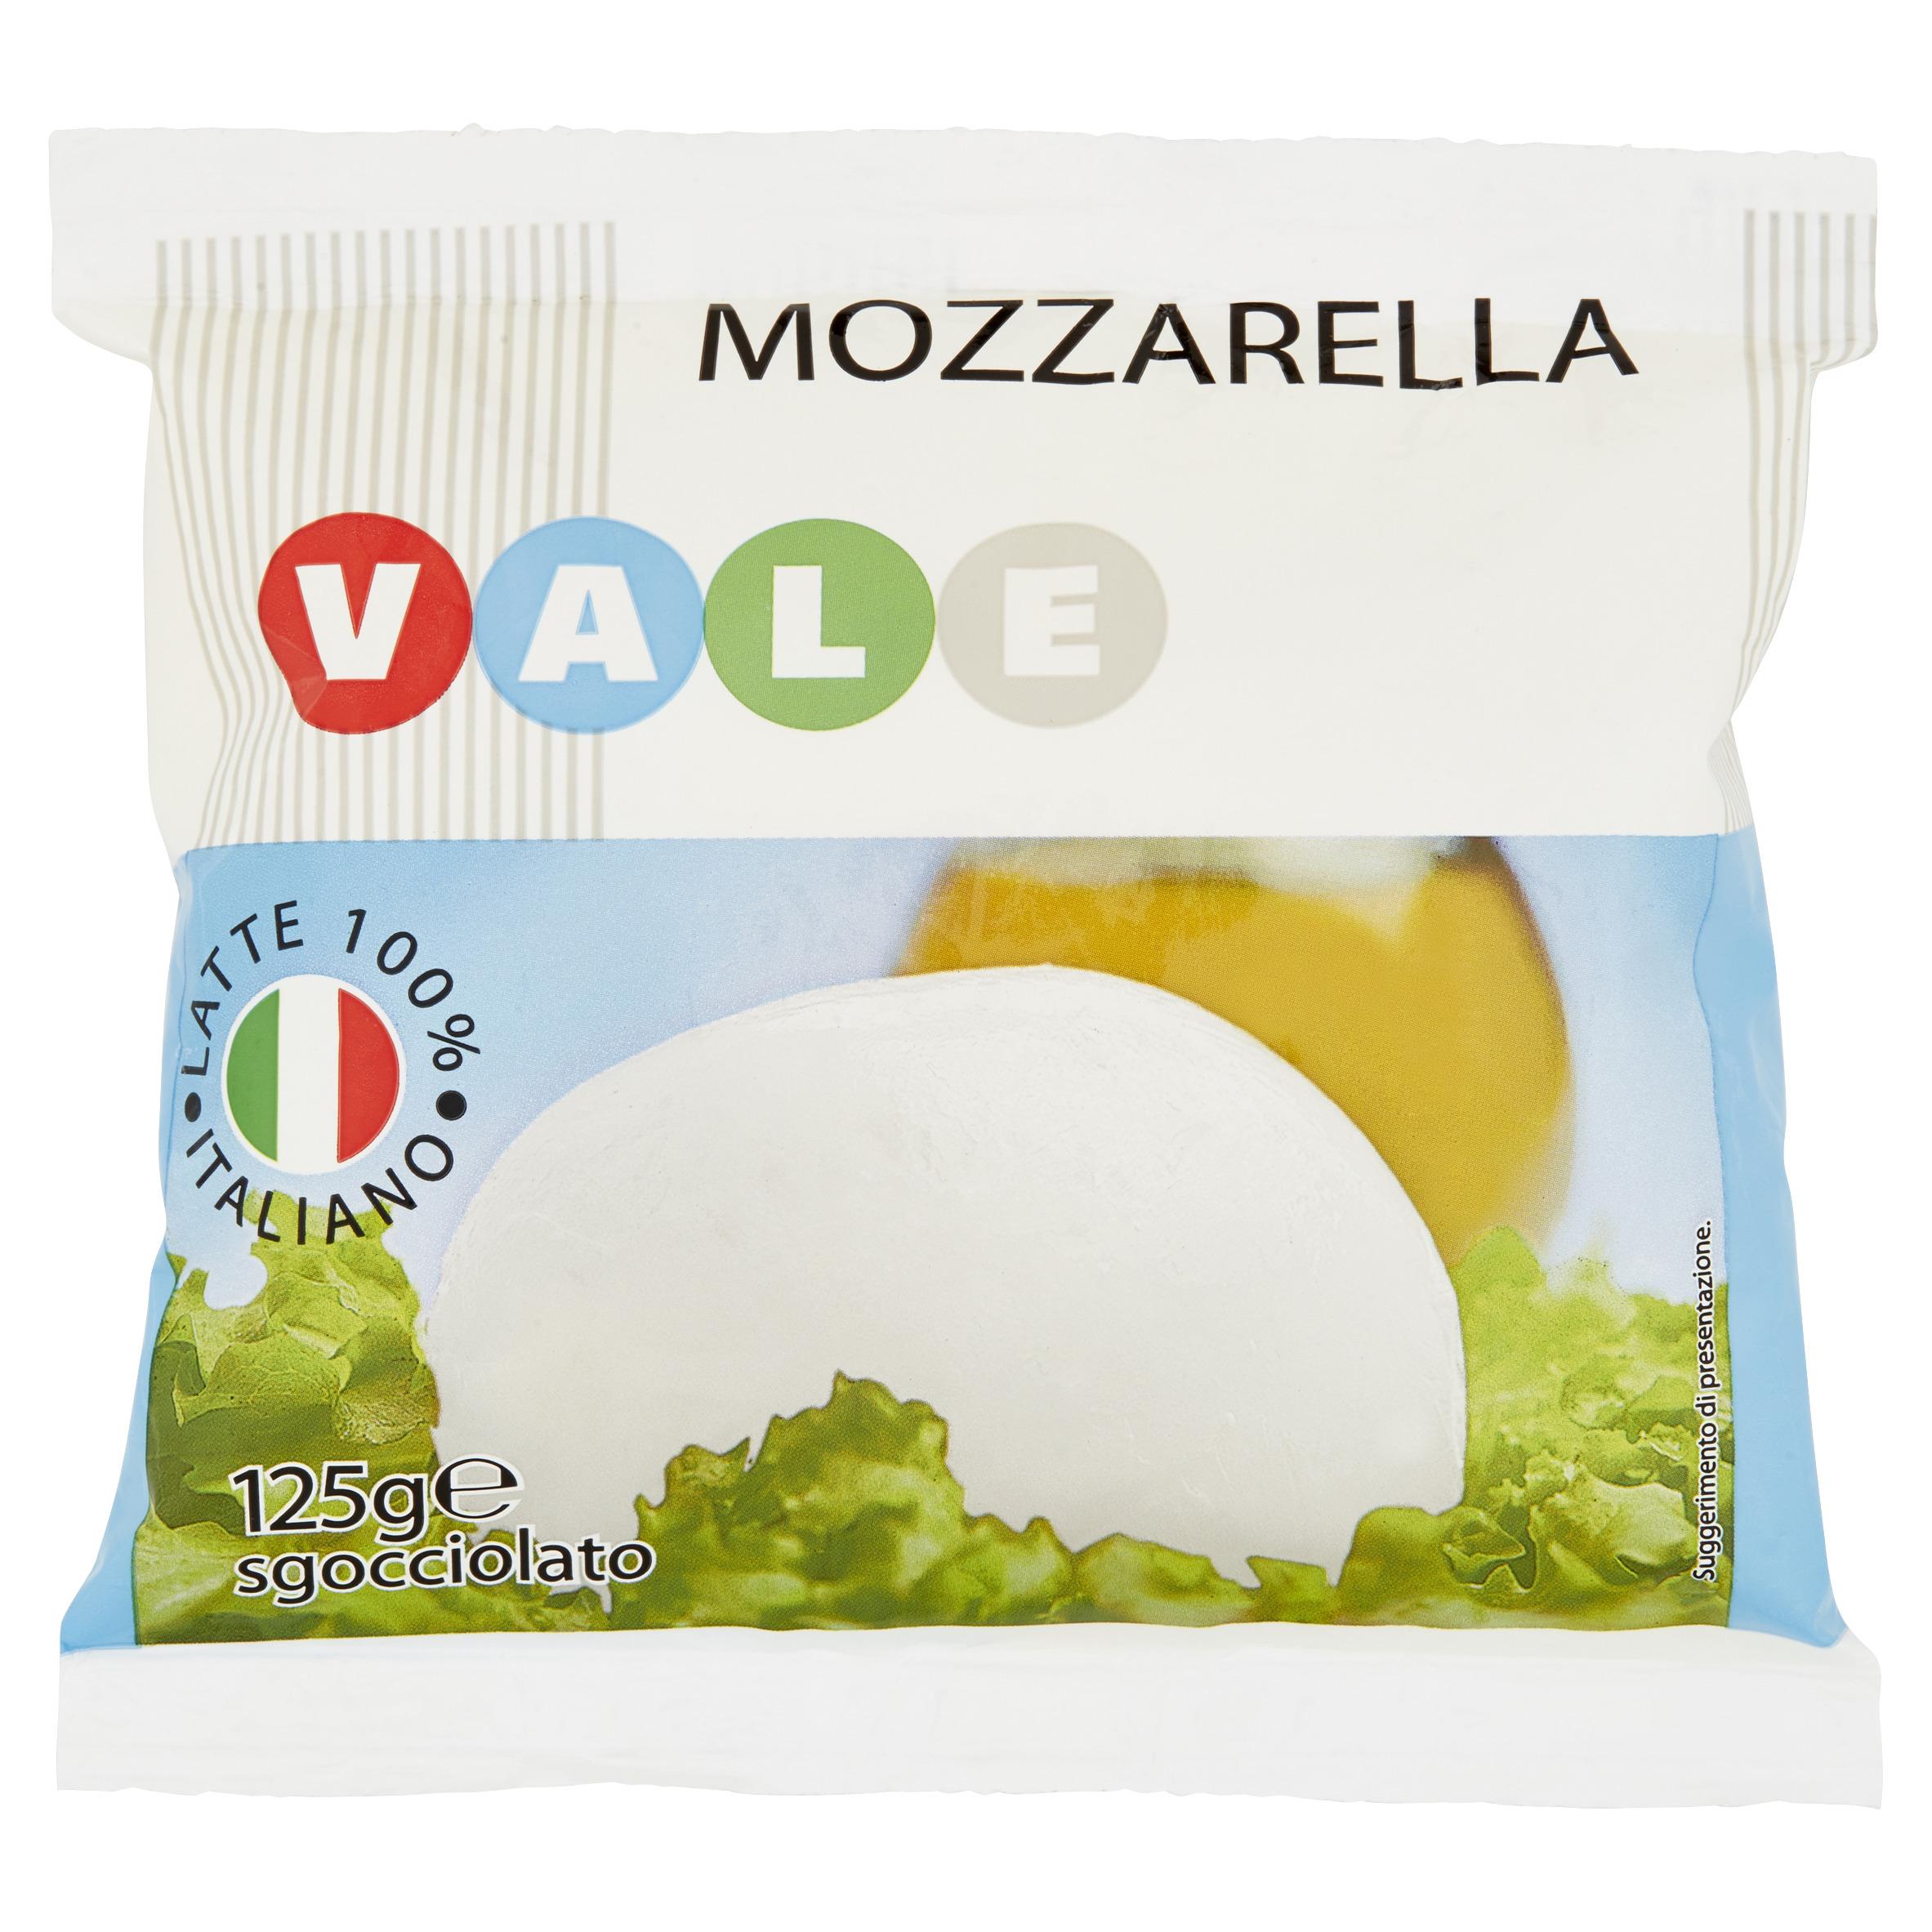 MOZZARELLA BUSTA GR.125  VALE